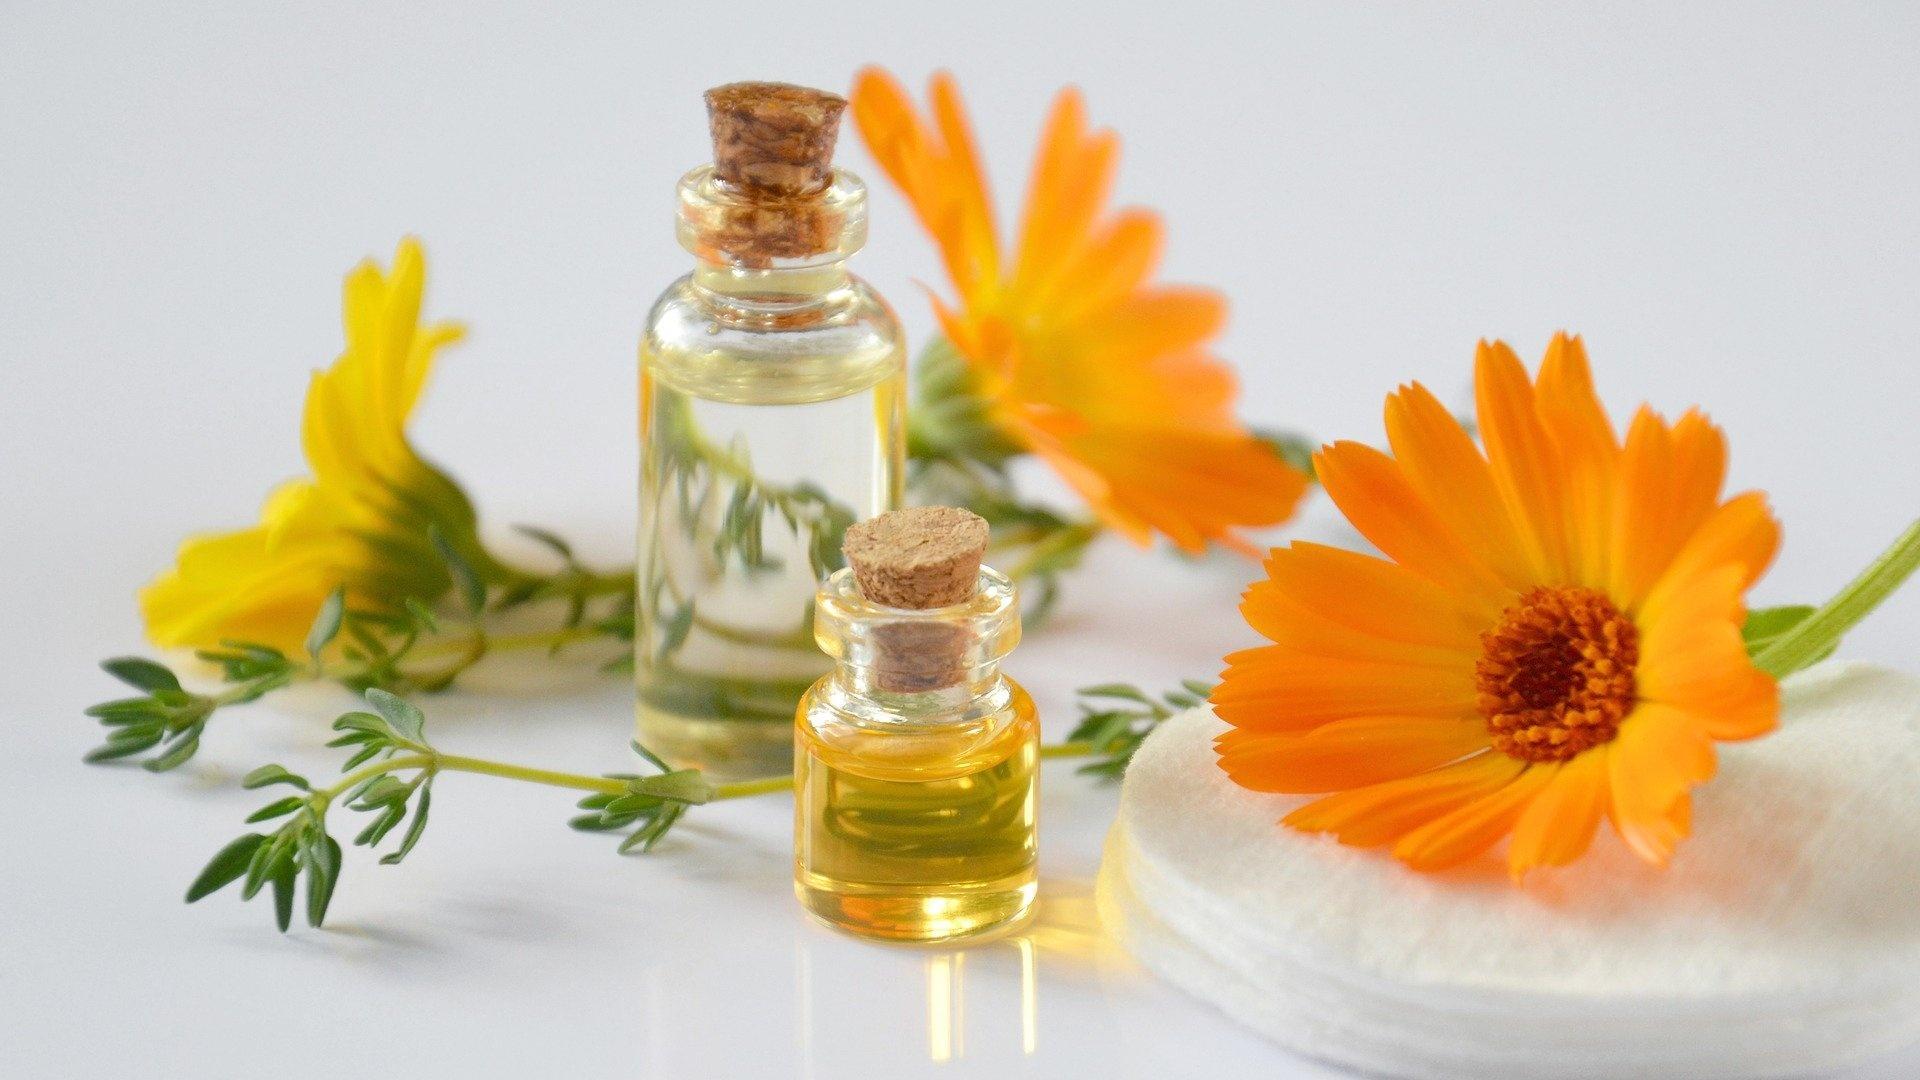 Hausmittel, wie Ringelblume, sind nur begleitend zu verwenden.